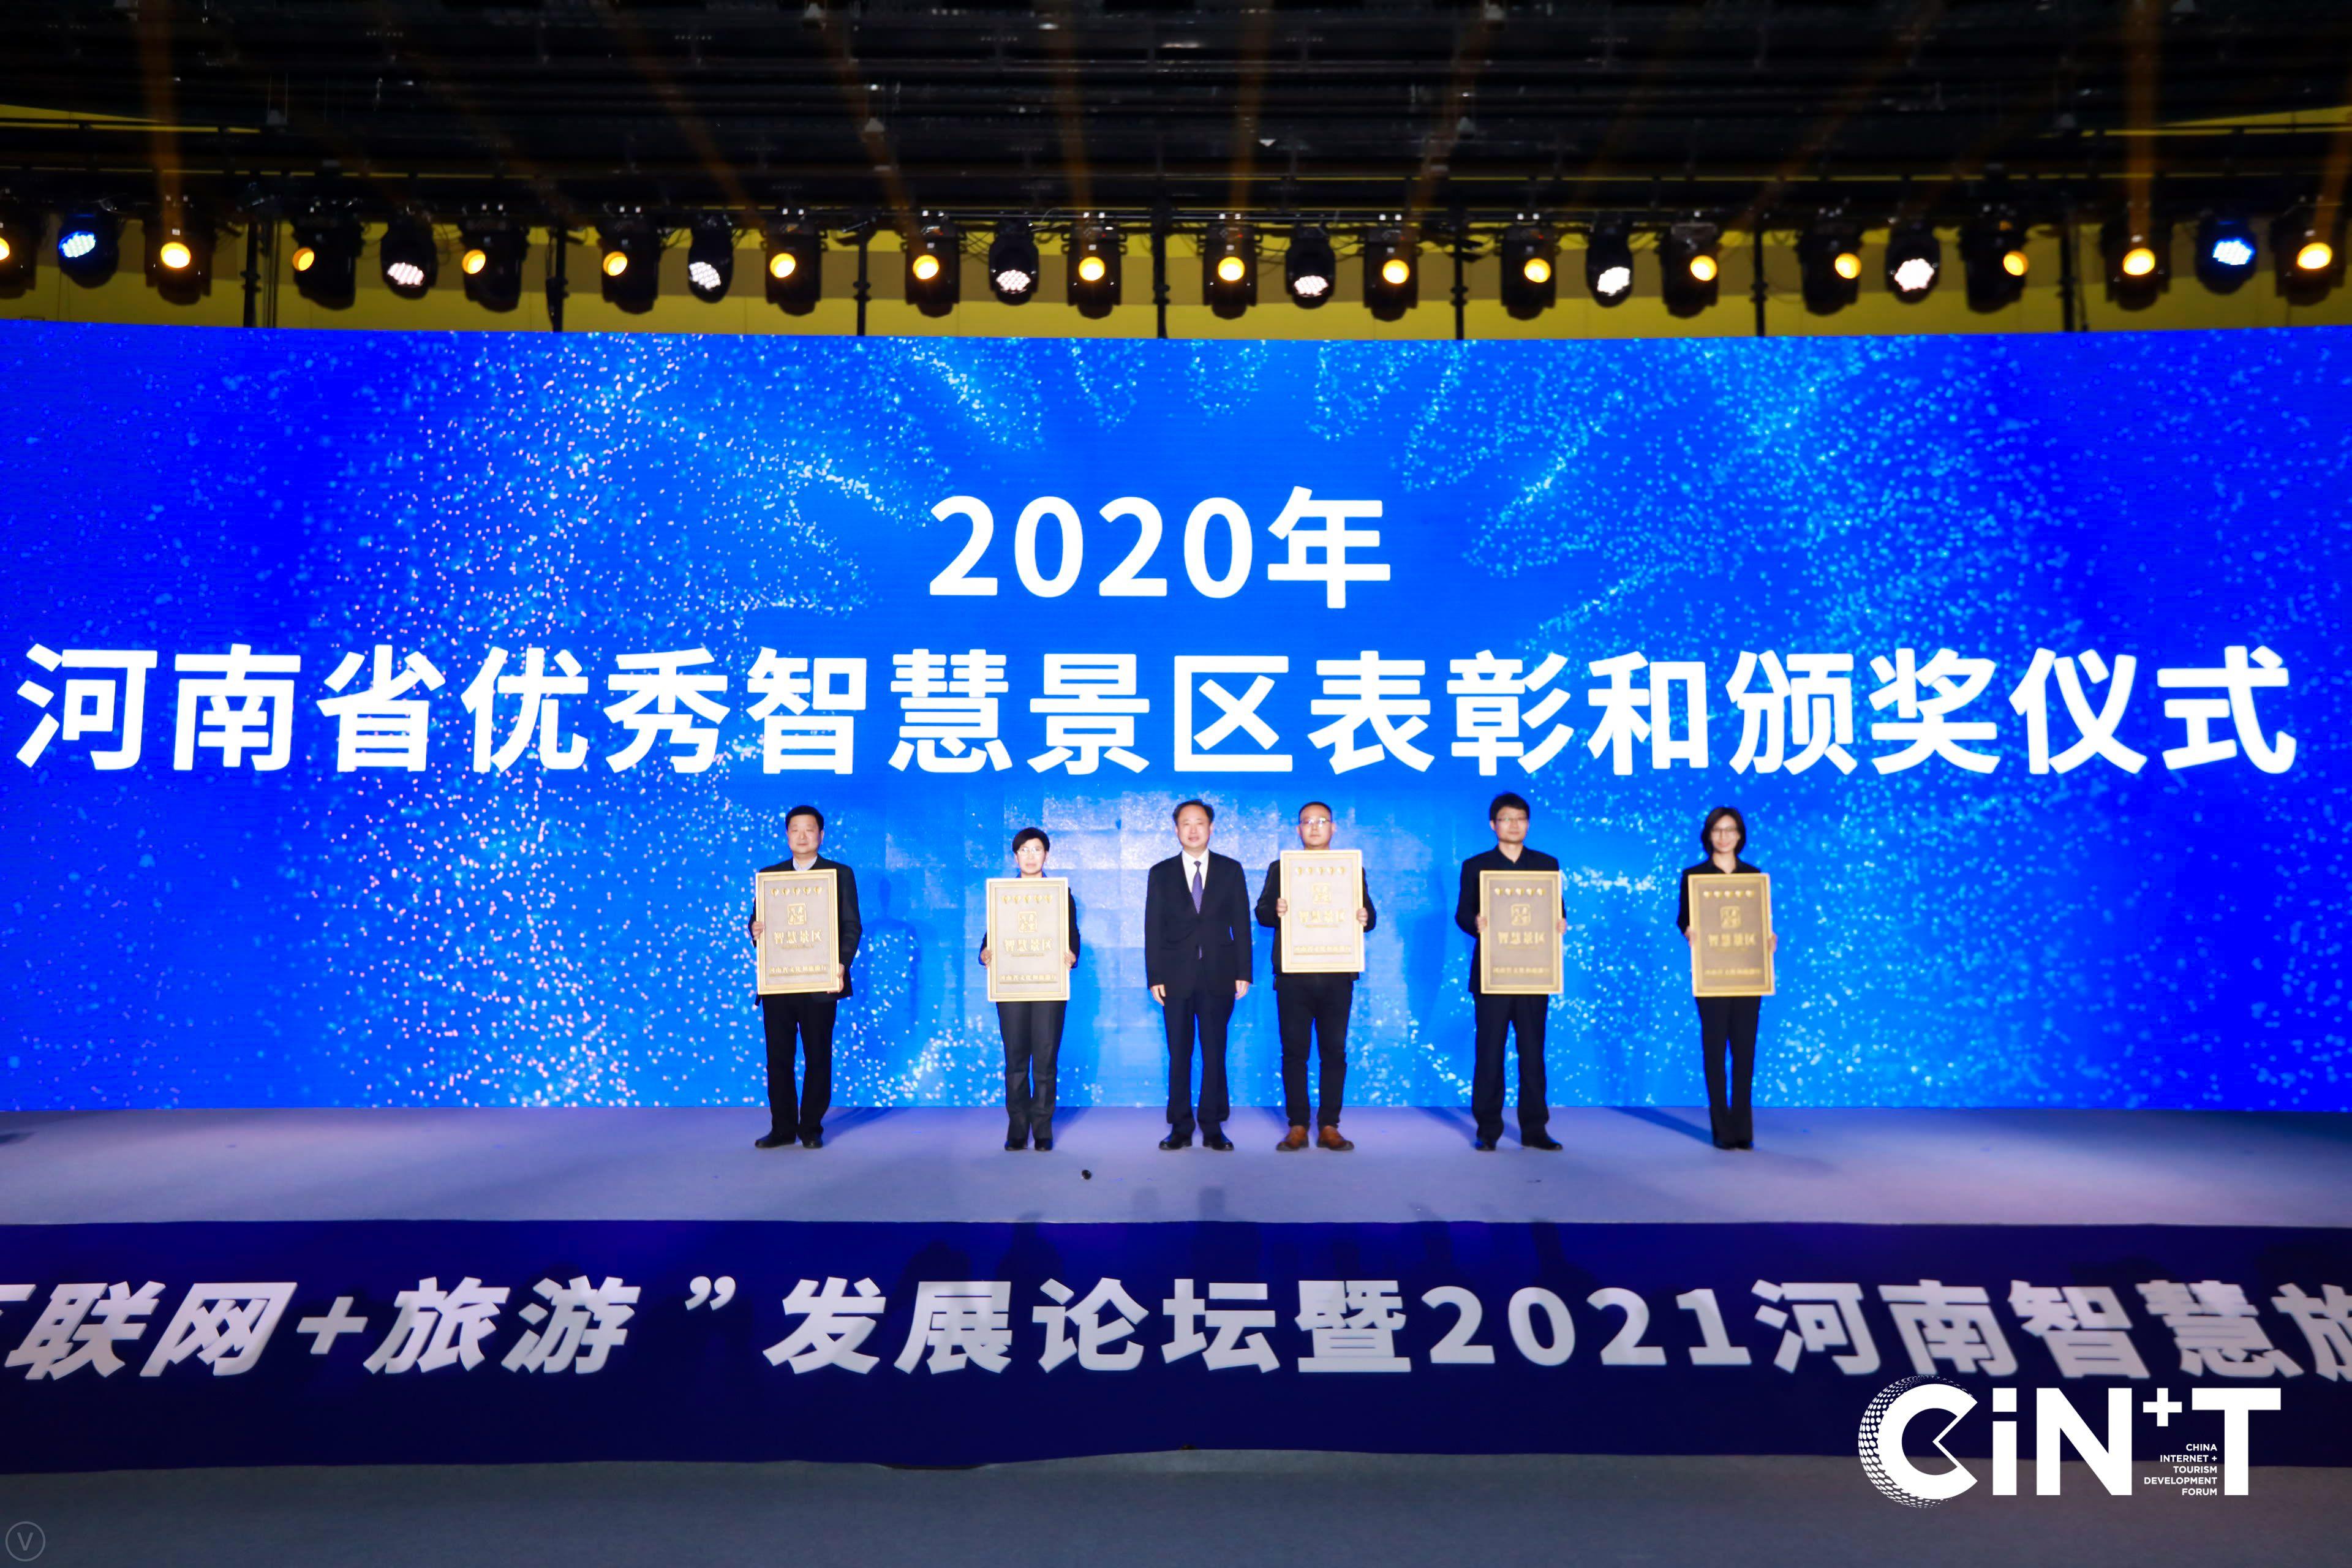 新乡南太行八里沟景区喜获2020年度河南省五钻级智慧景区荣誉大奖